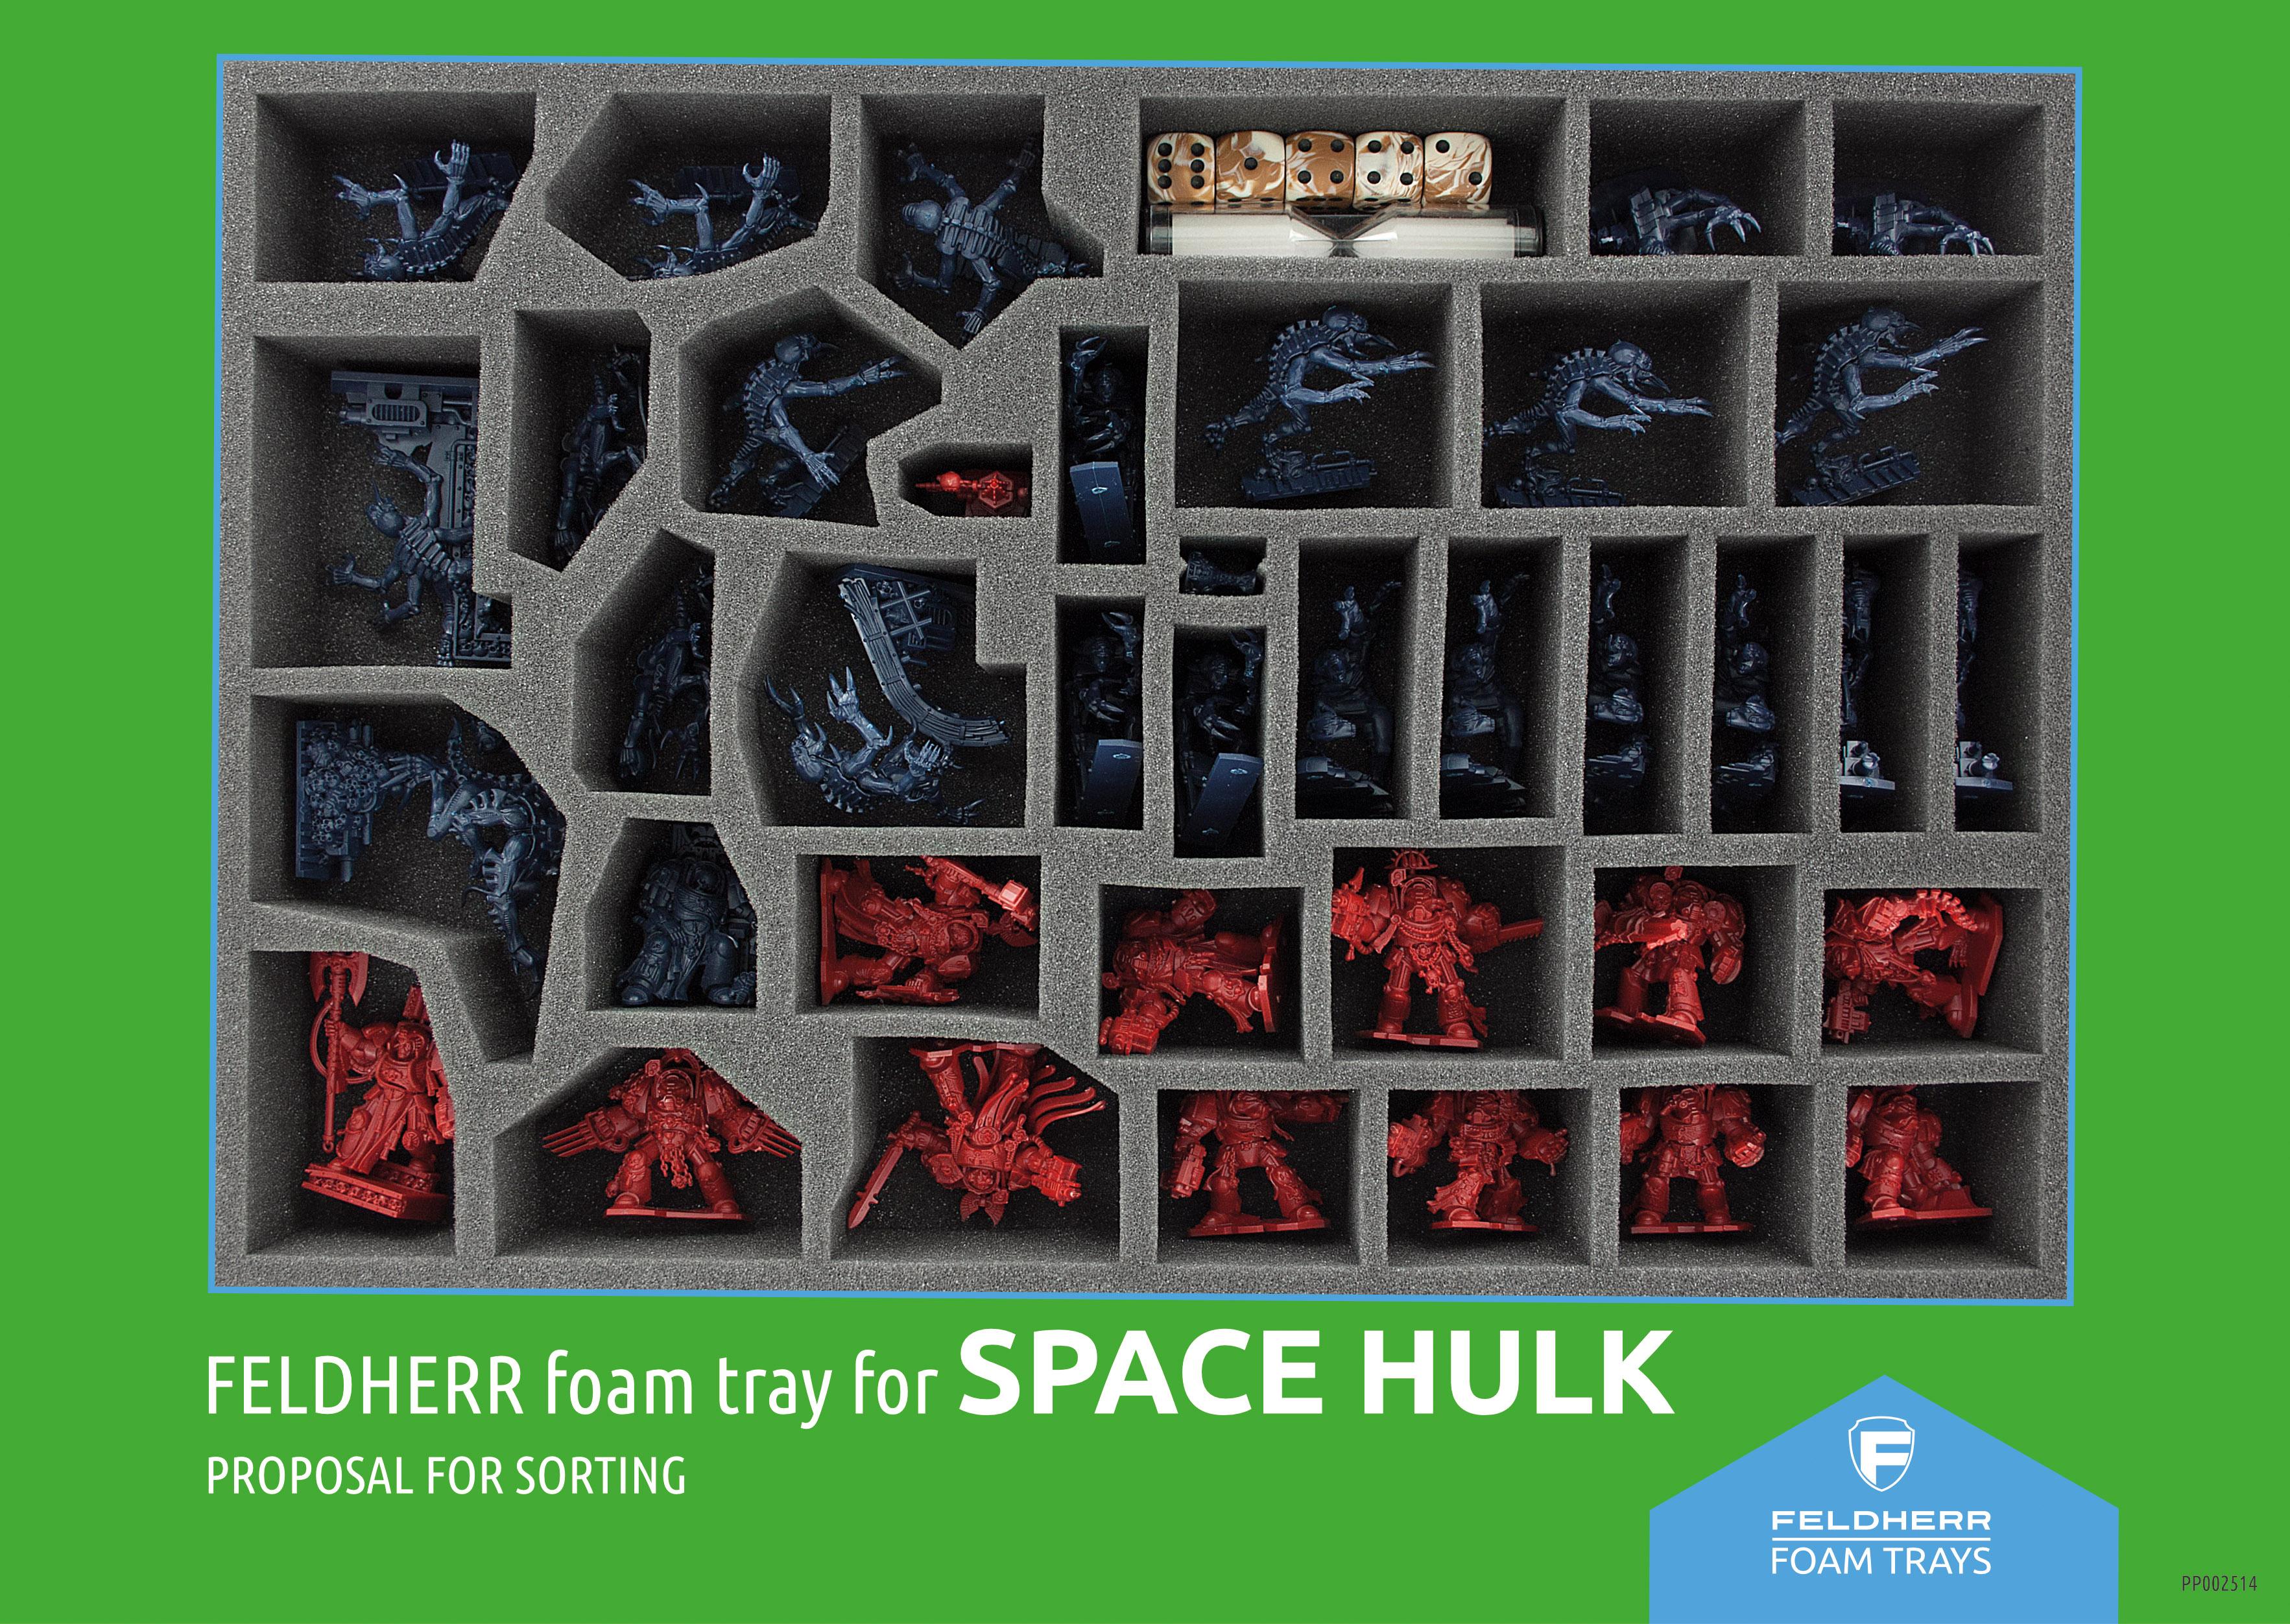 SpaceHulk